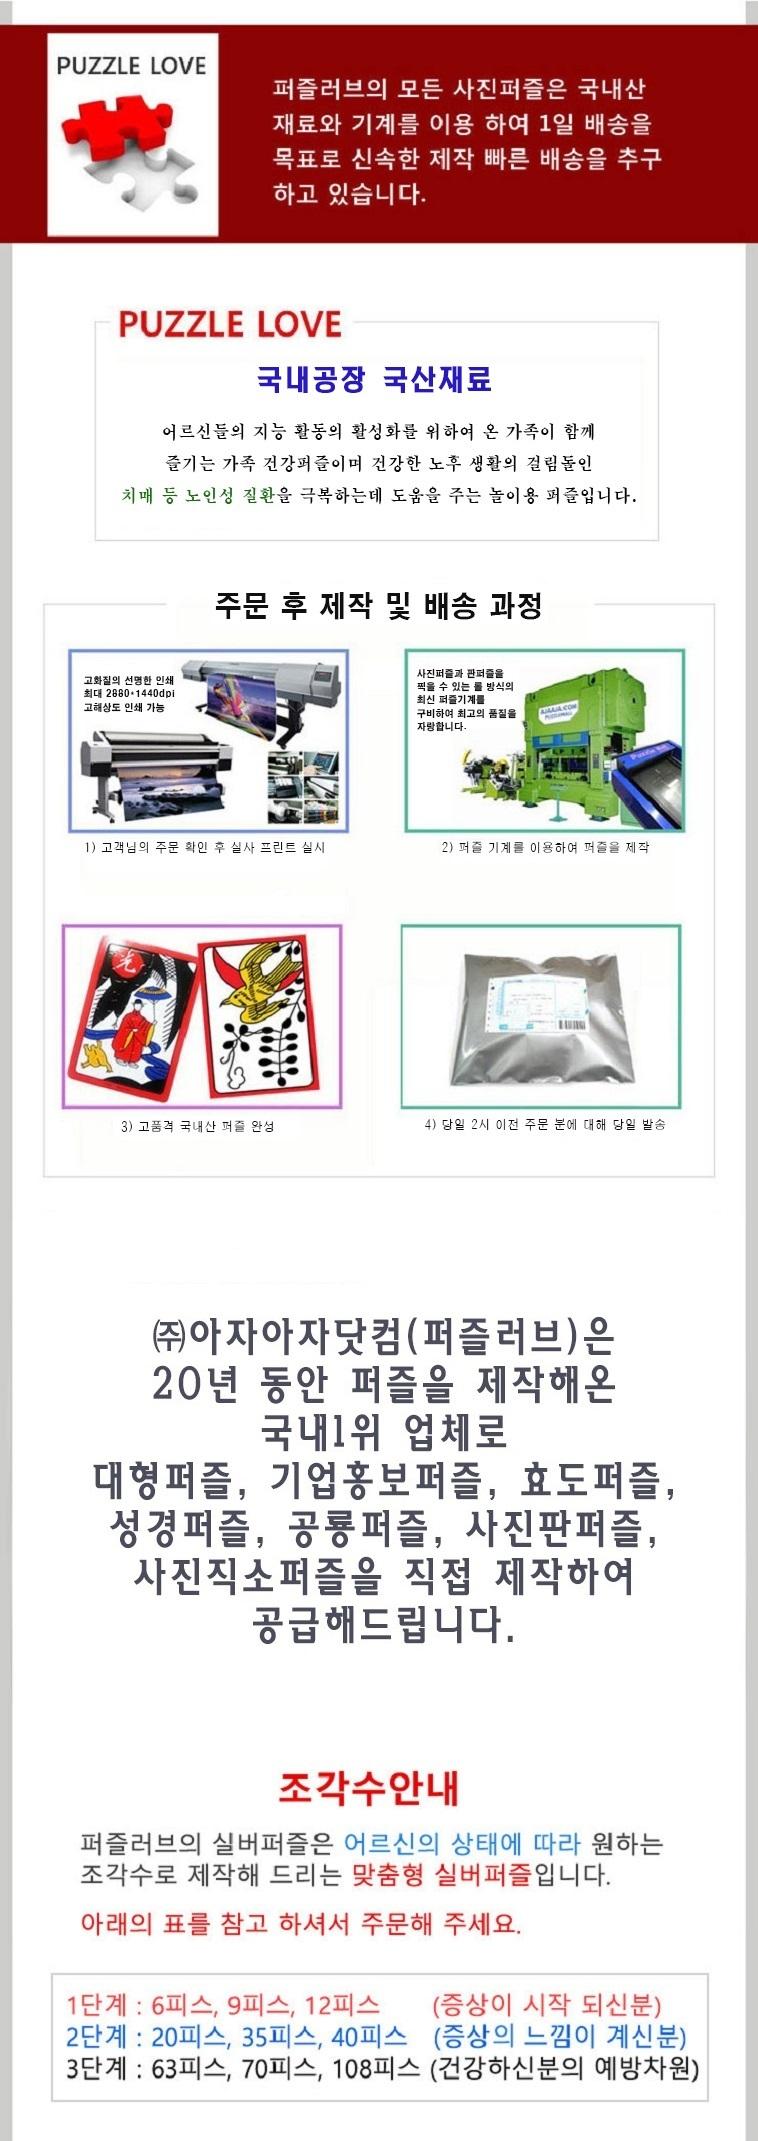 효도퍼즐(A4_건강백세 220종) 가족이 함께 맞추는 판퍼즐-효도선물 치매예방4,500원-퍼즐러브키덜트/취미, 블록/퍼즐, 조각/퍼즐, 맞춤퍼즐바보사랑효도퍼즐(A4_건강백세 220종) 가족이 함께 맞추는 판퍼즐-효도선물 치매예방4,500원-퍼즐러브키덜트/취미, 블록/퍼즐, 조각/퍼즐, 맞춤퍼즐바보사랑